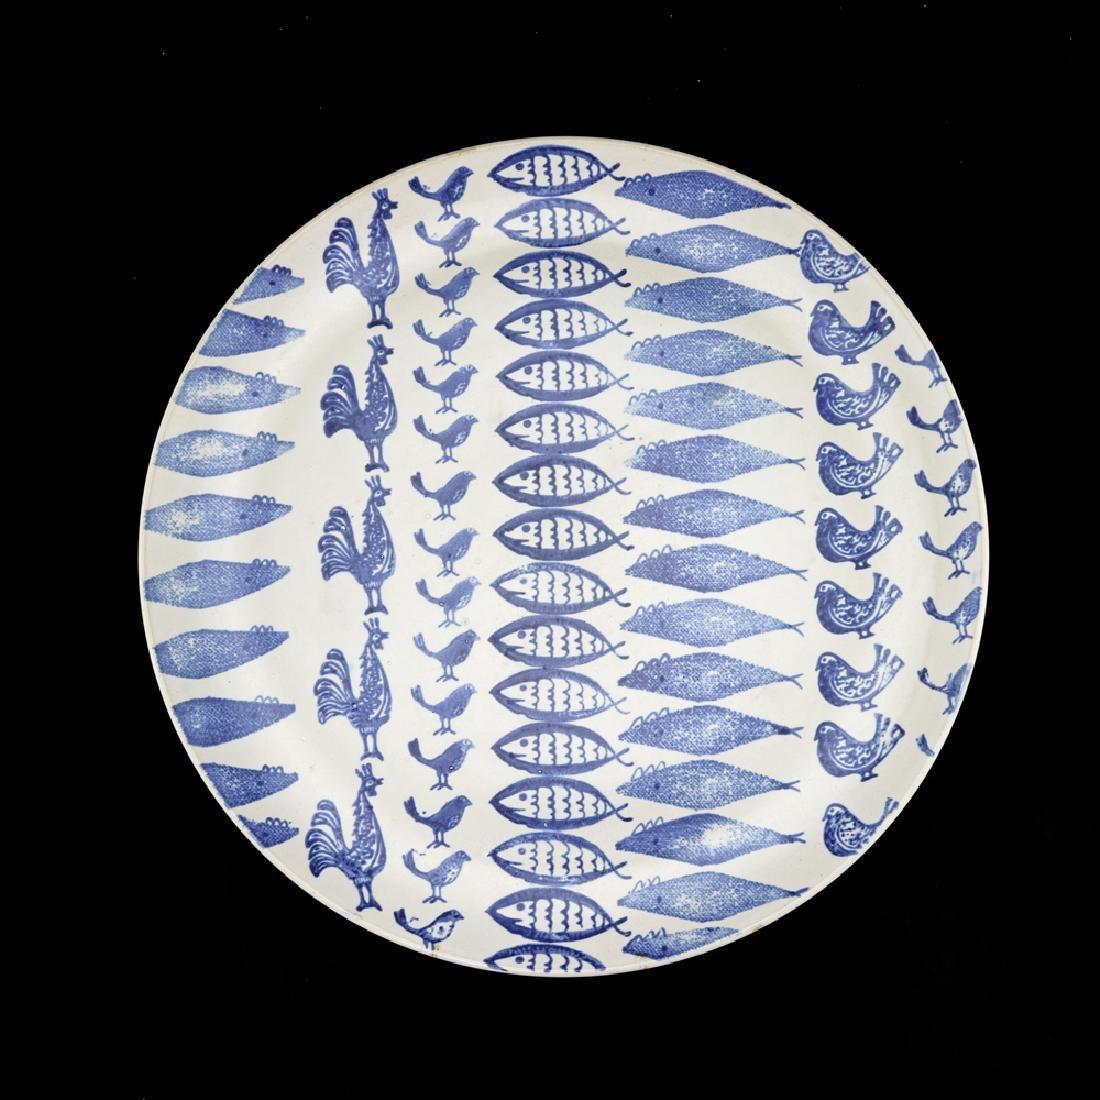 Eva Zeisel, Rare Monmouth Pattern Test Platter